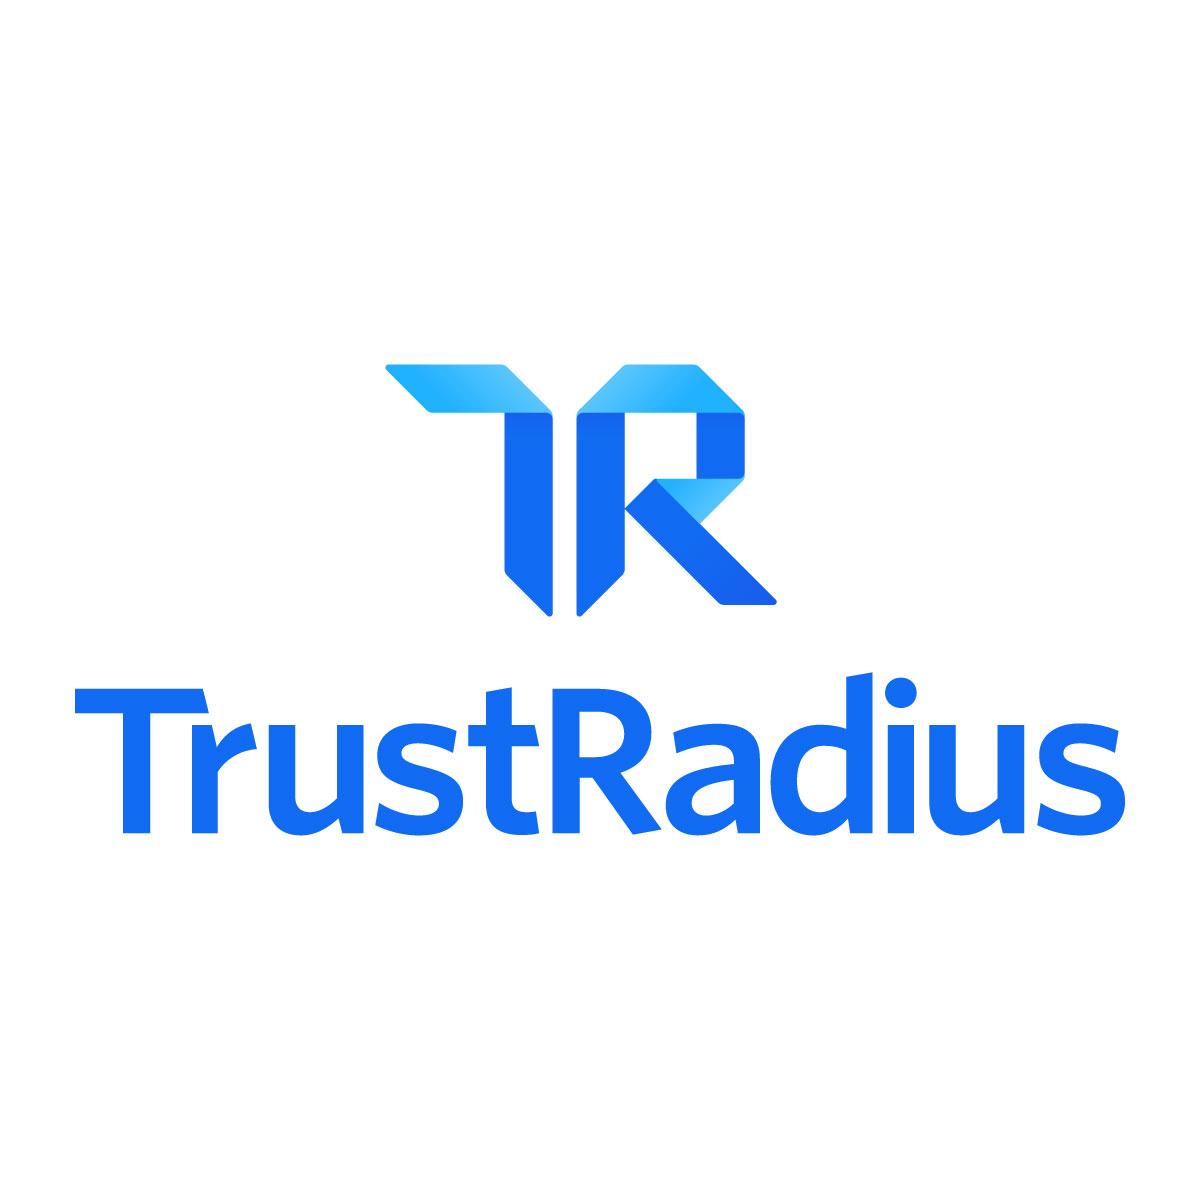 www.trustradius.com